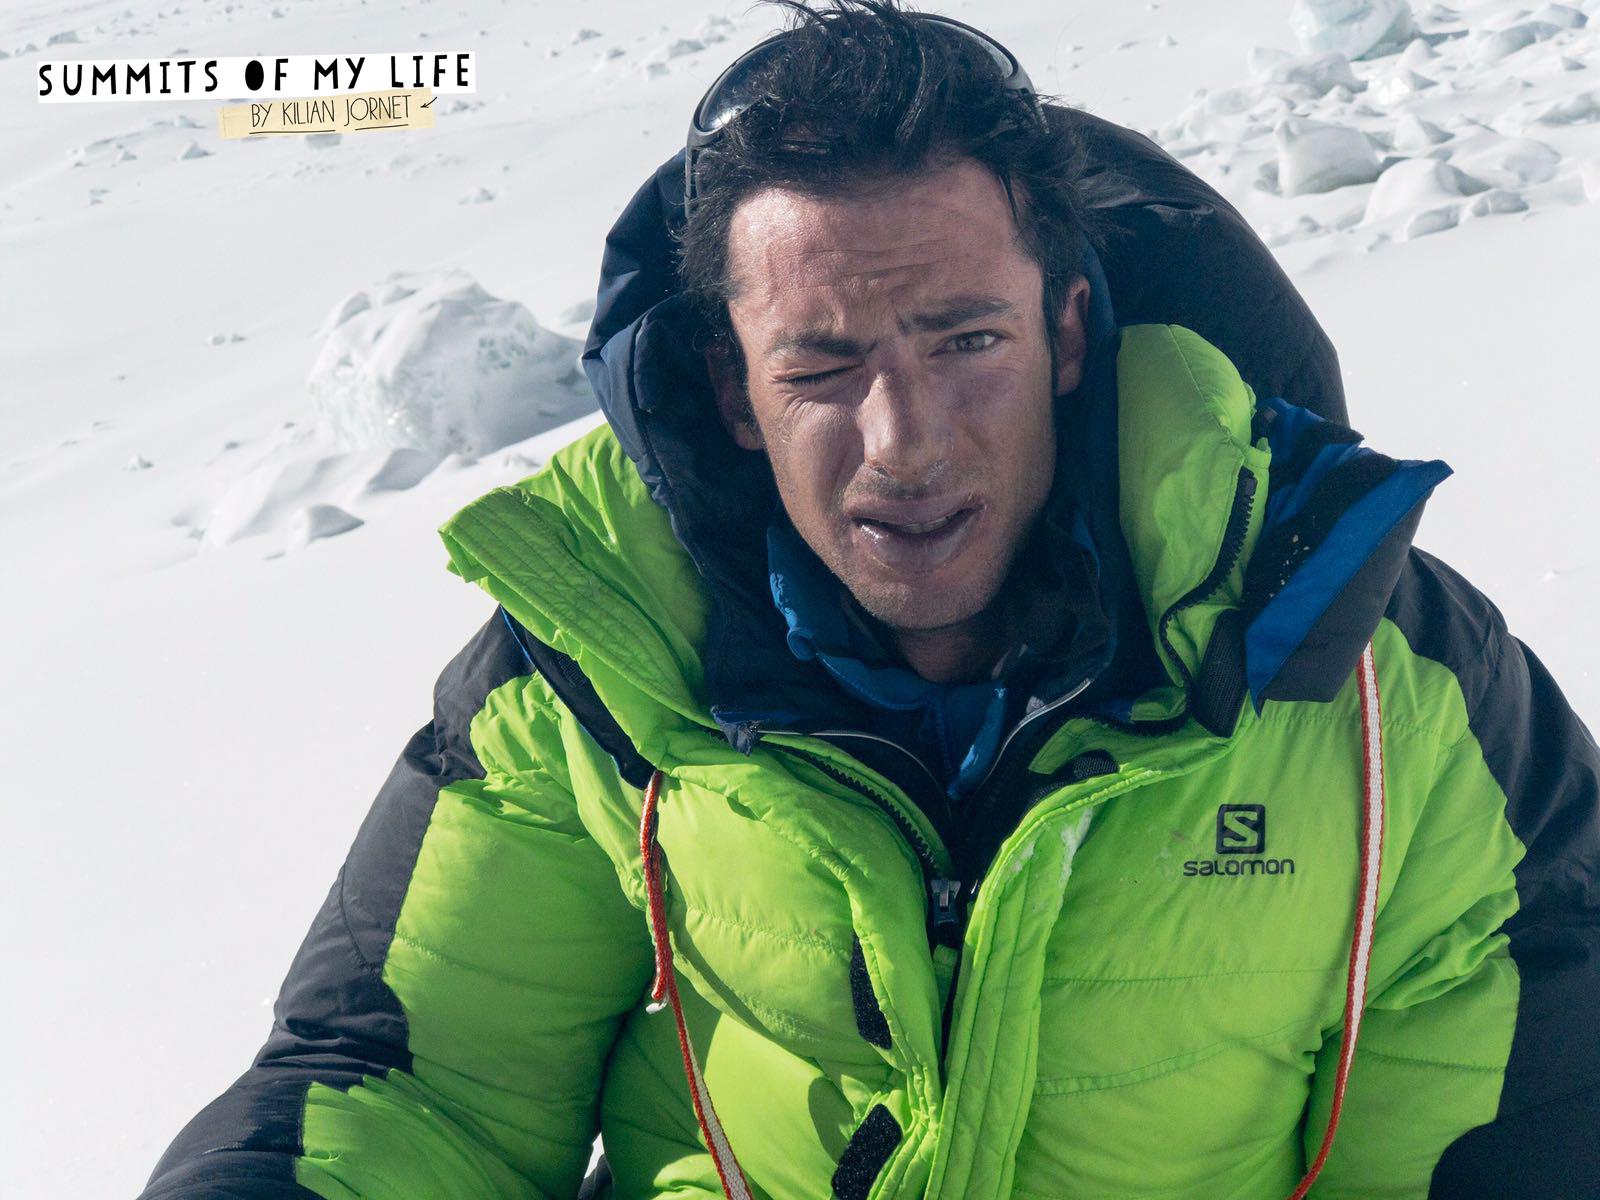 Kilian Jornet during his second speed ascent of Everest's North Col route. [Photo] Sebastien Montaz-Rosset/Kilian Jornet collection